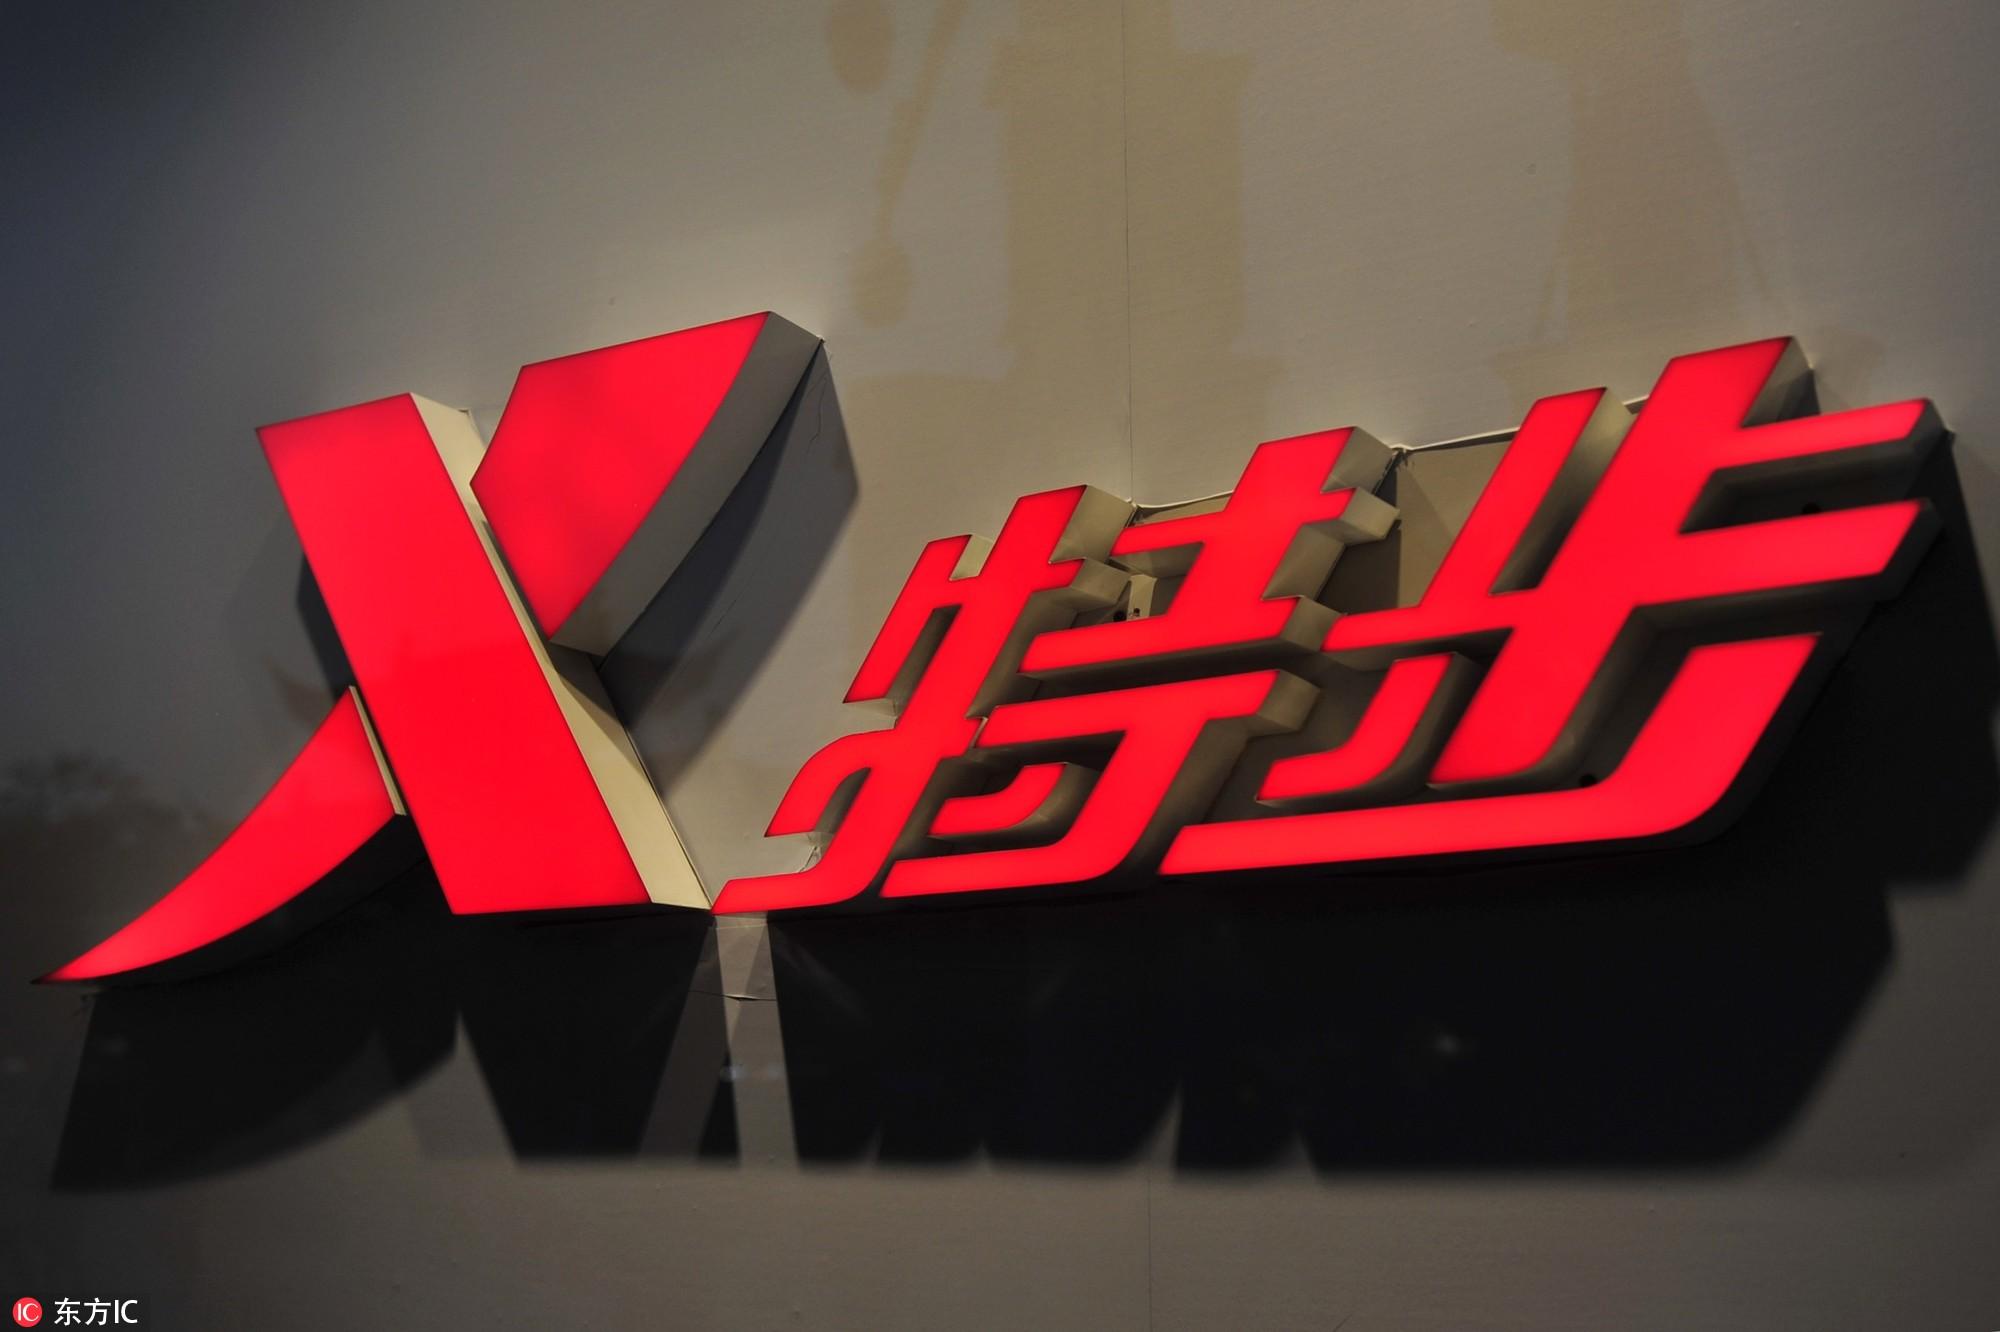 【业绩会直击】特步国际(1368.HK)历经三年整改,销售增长创历史新高